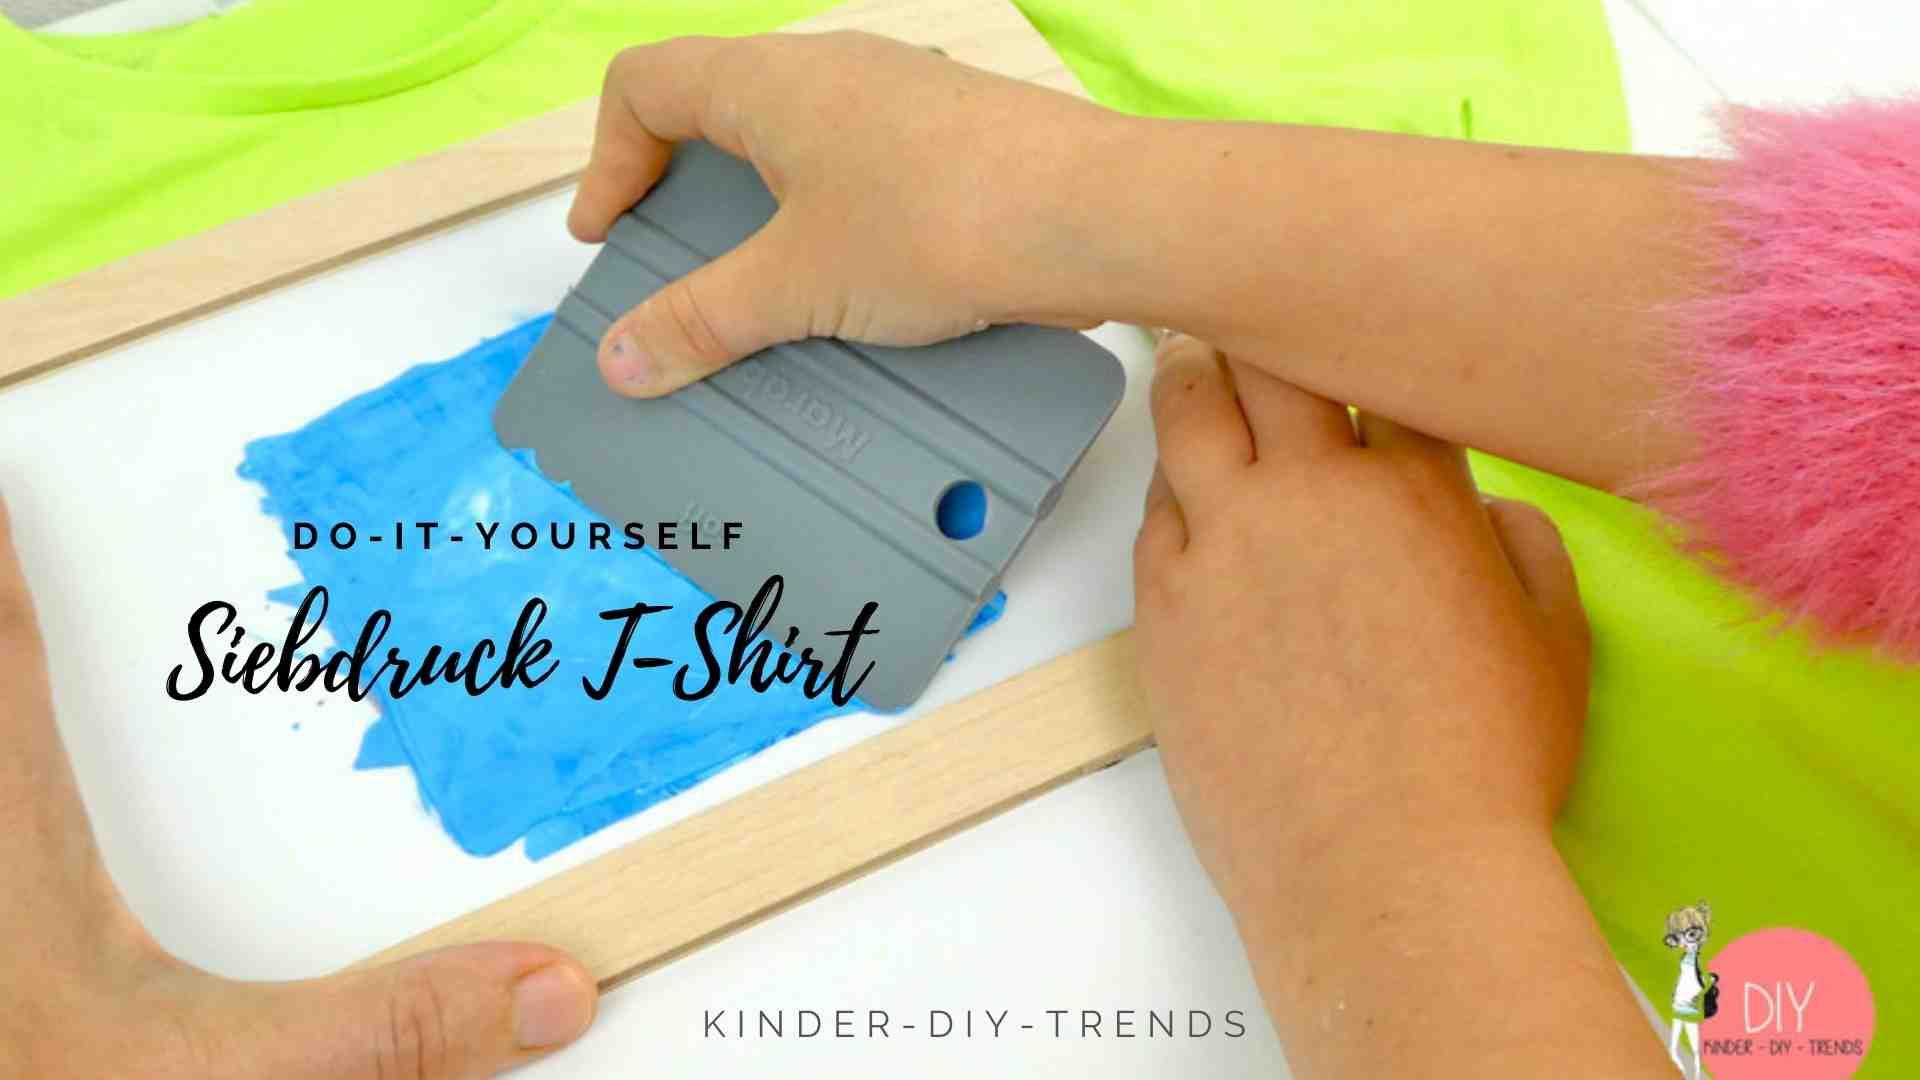 Kreative Geschenkideen für Kinder: Siebdruck Print Textildruck T-Shirt gestalten